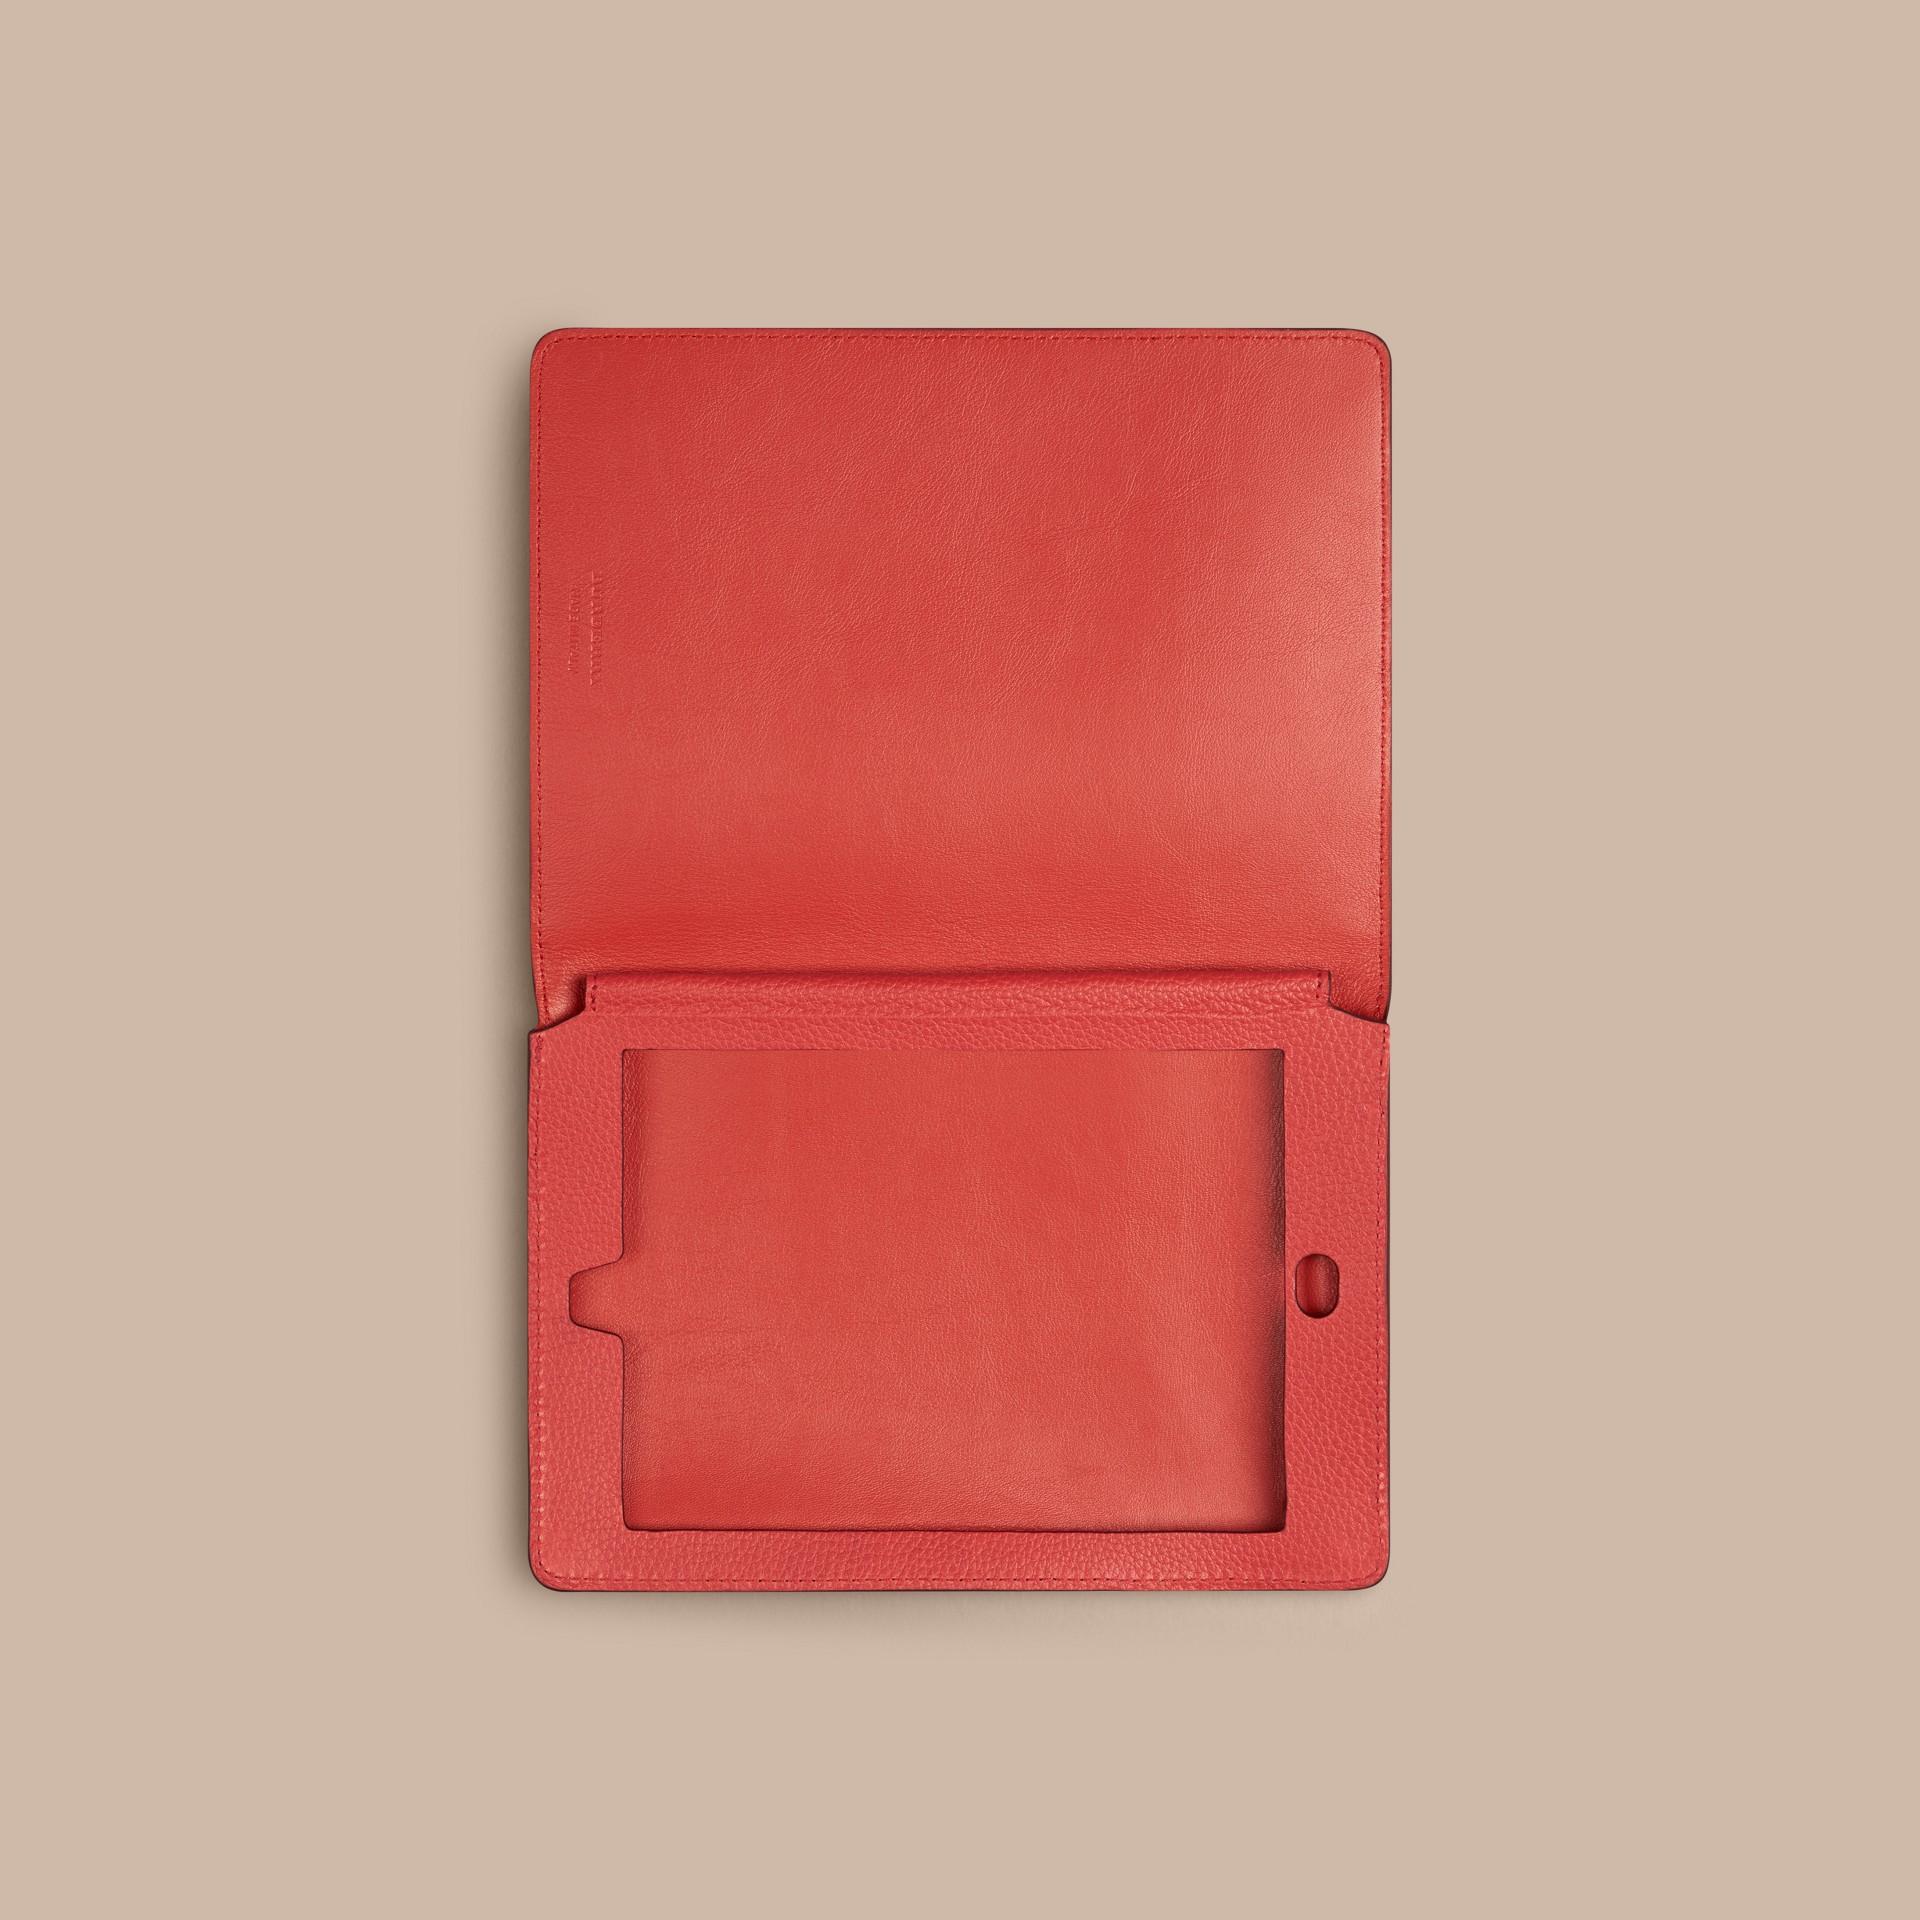 Rosso arancione Custodia per iPad mini in pelle a grana Rosso Arancione - immagine della galleria 3